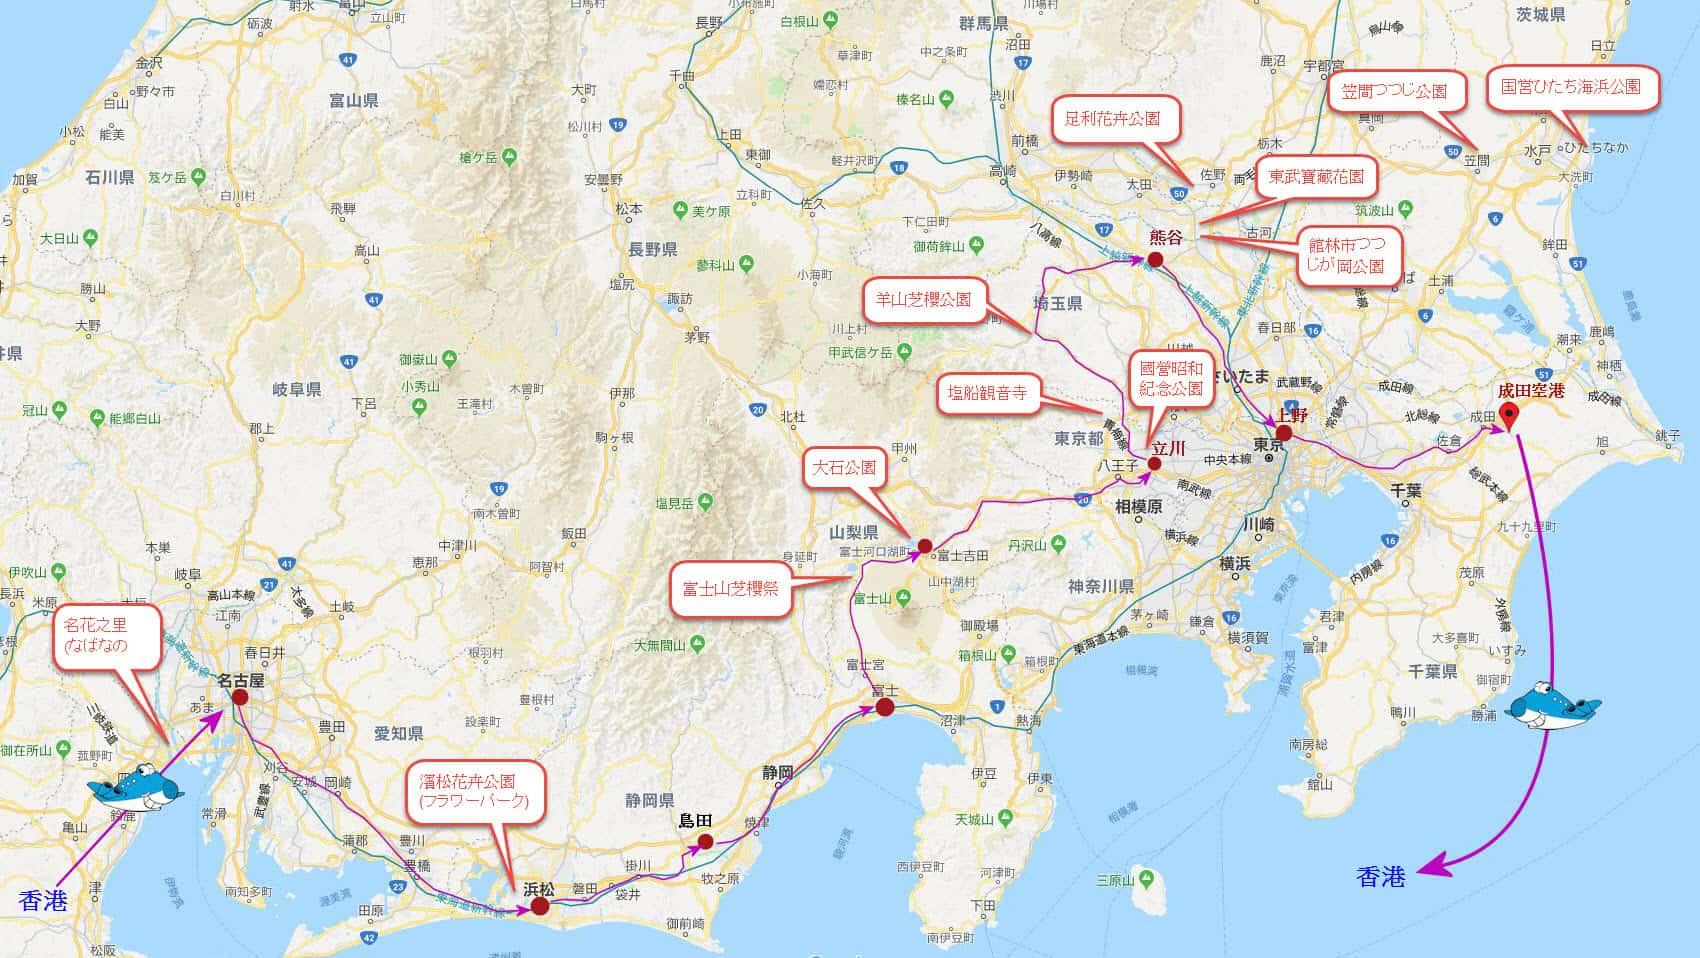 日本中部、關東之旅沿途欣賞春花公園地圖